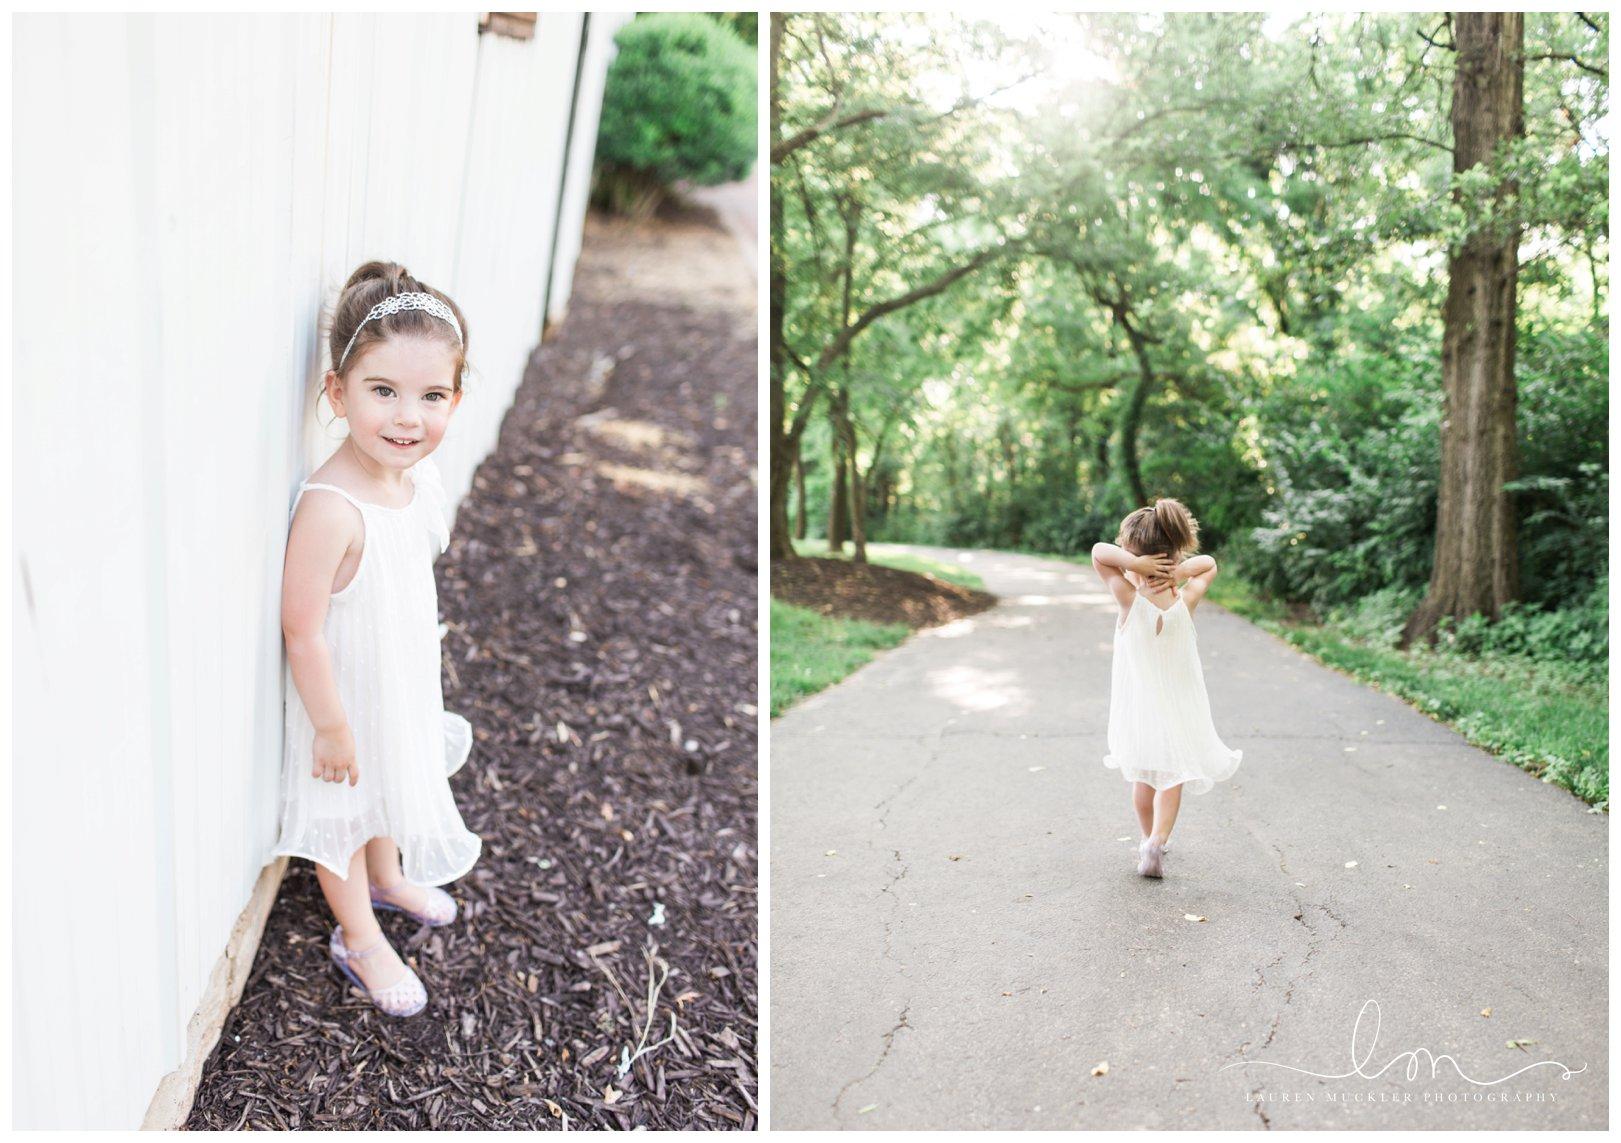 lauren muckler photography_fine art film wedding photography_st louis_photography_0355.jpg